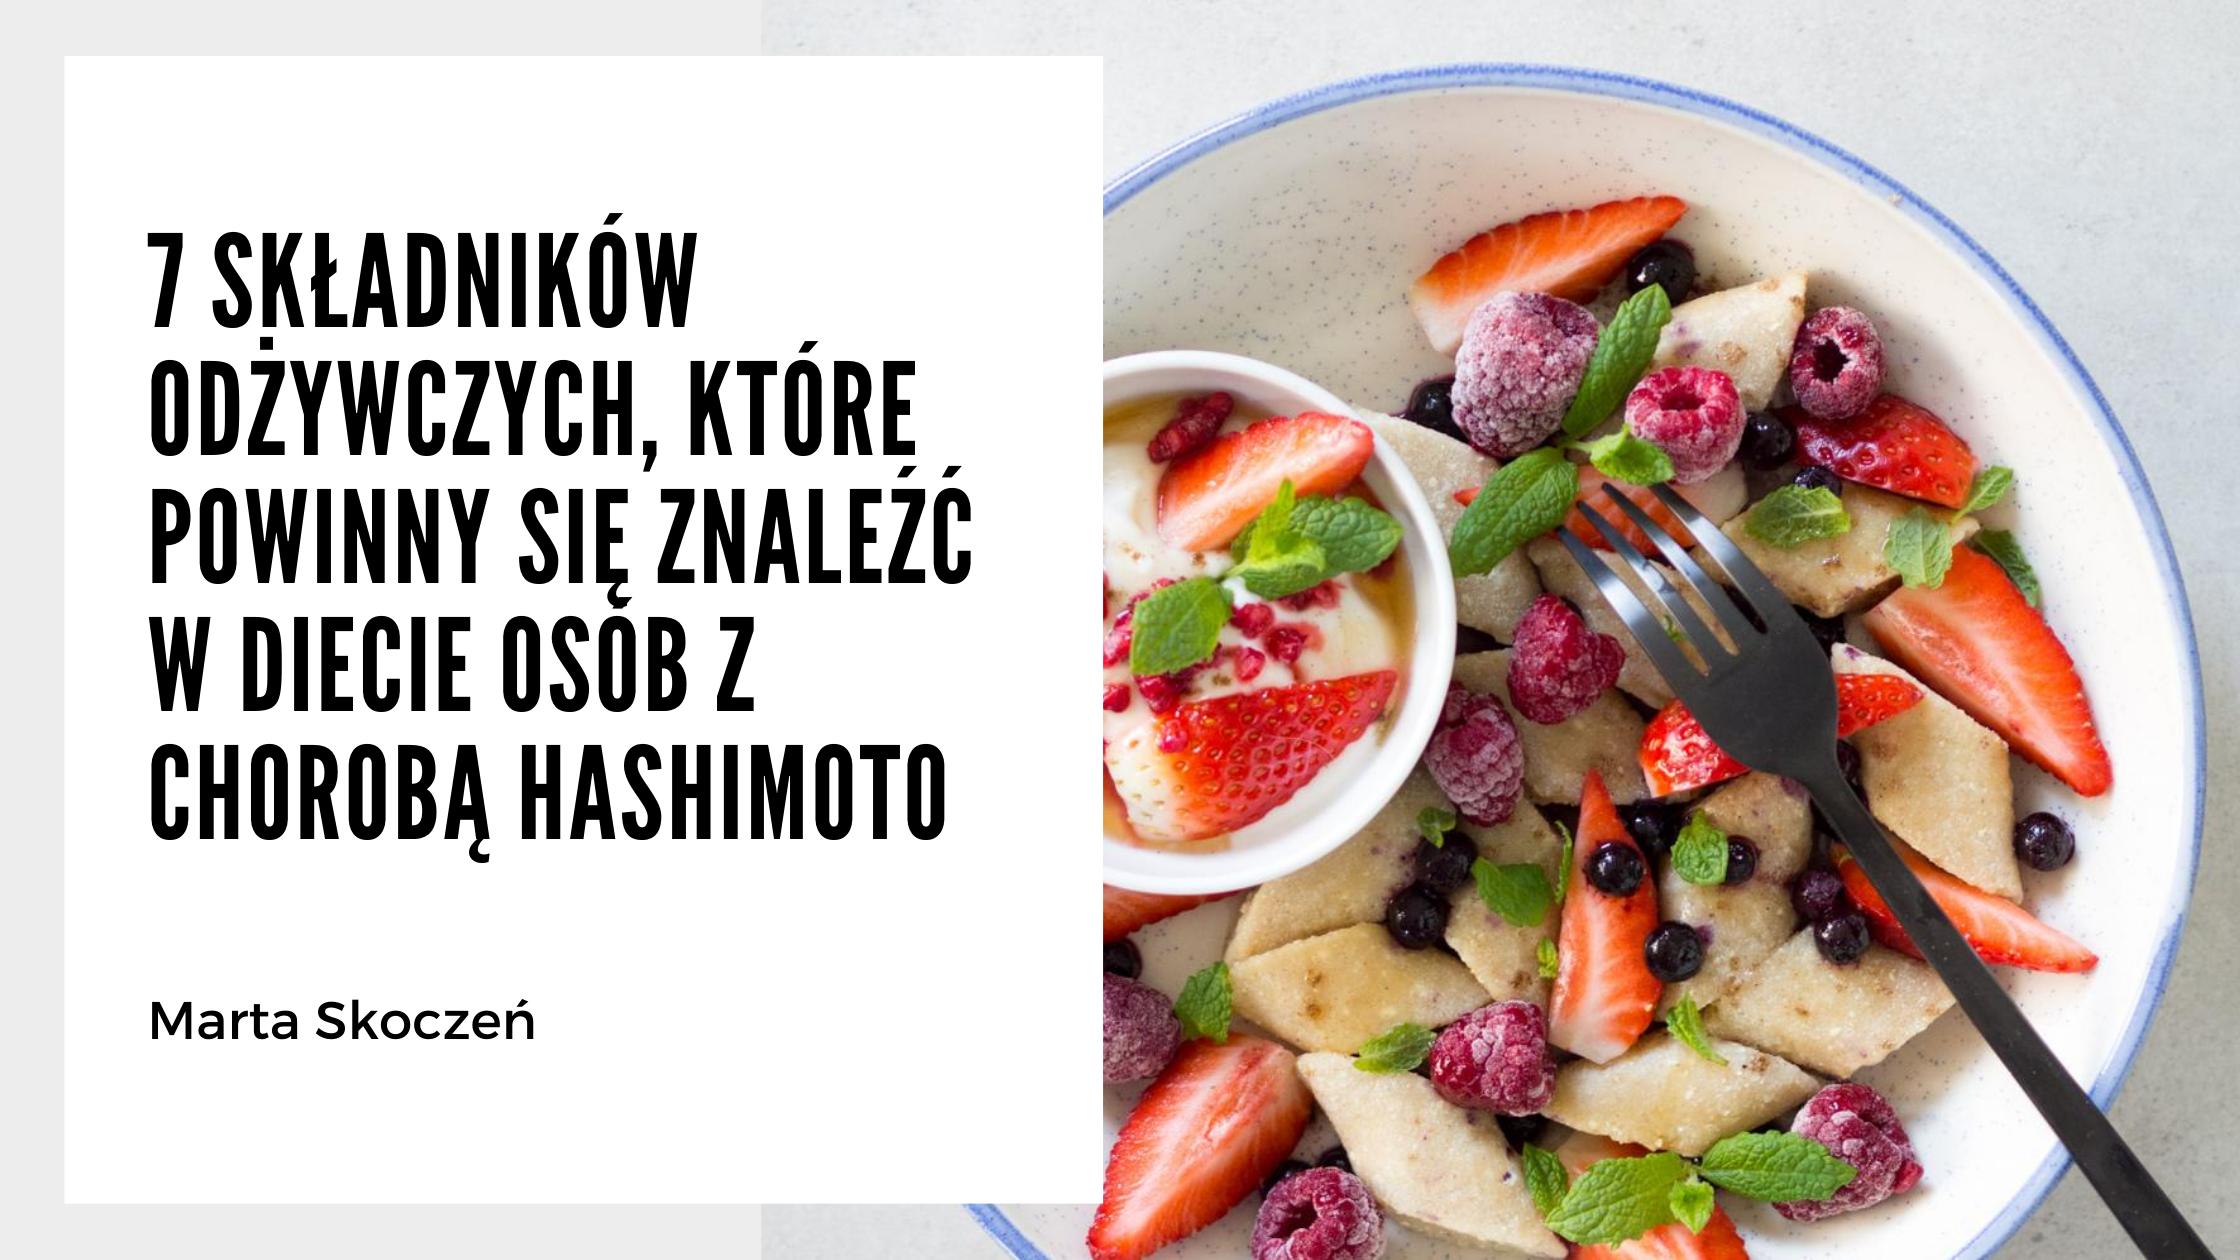 7 składników odżywczych, które powinny się znaleźć w diecie osób z Hashimoto